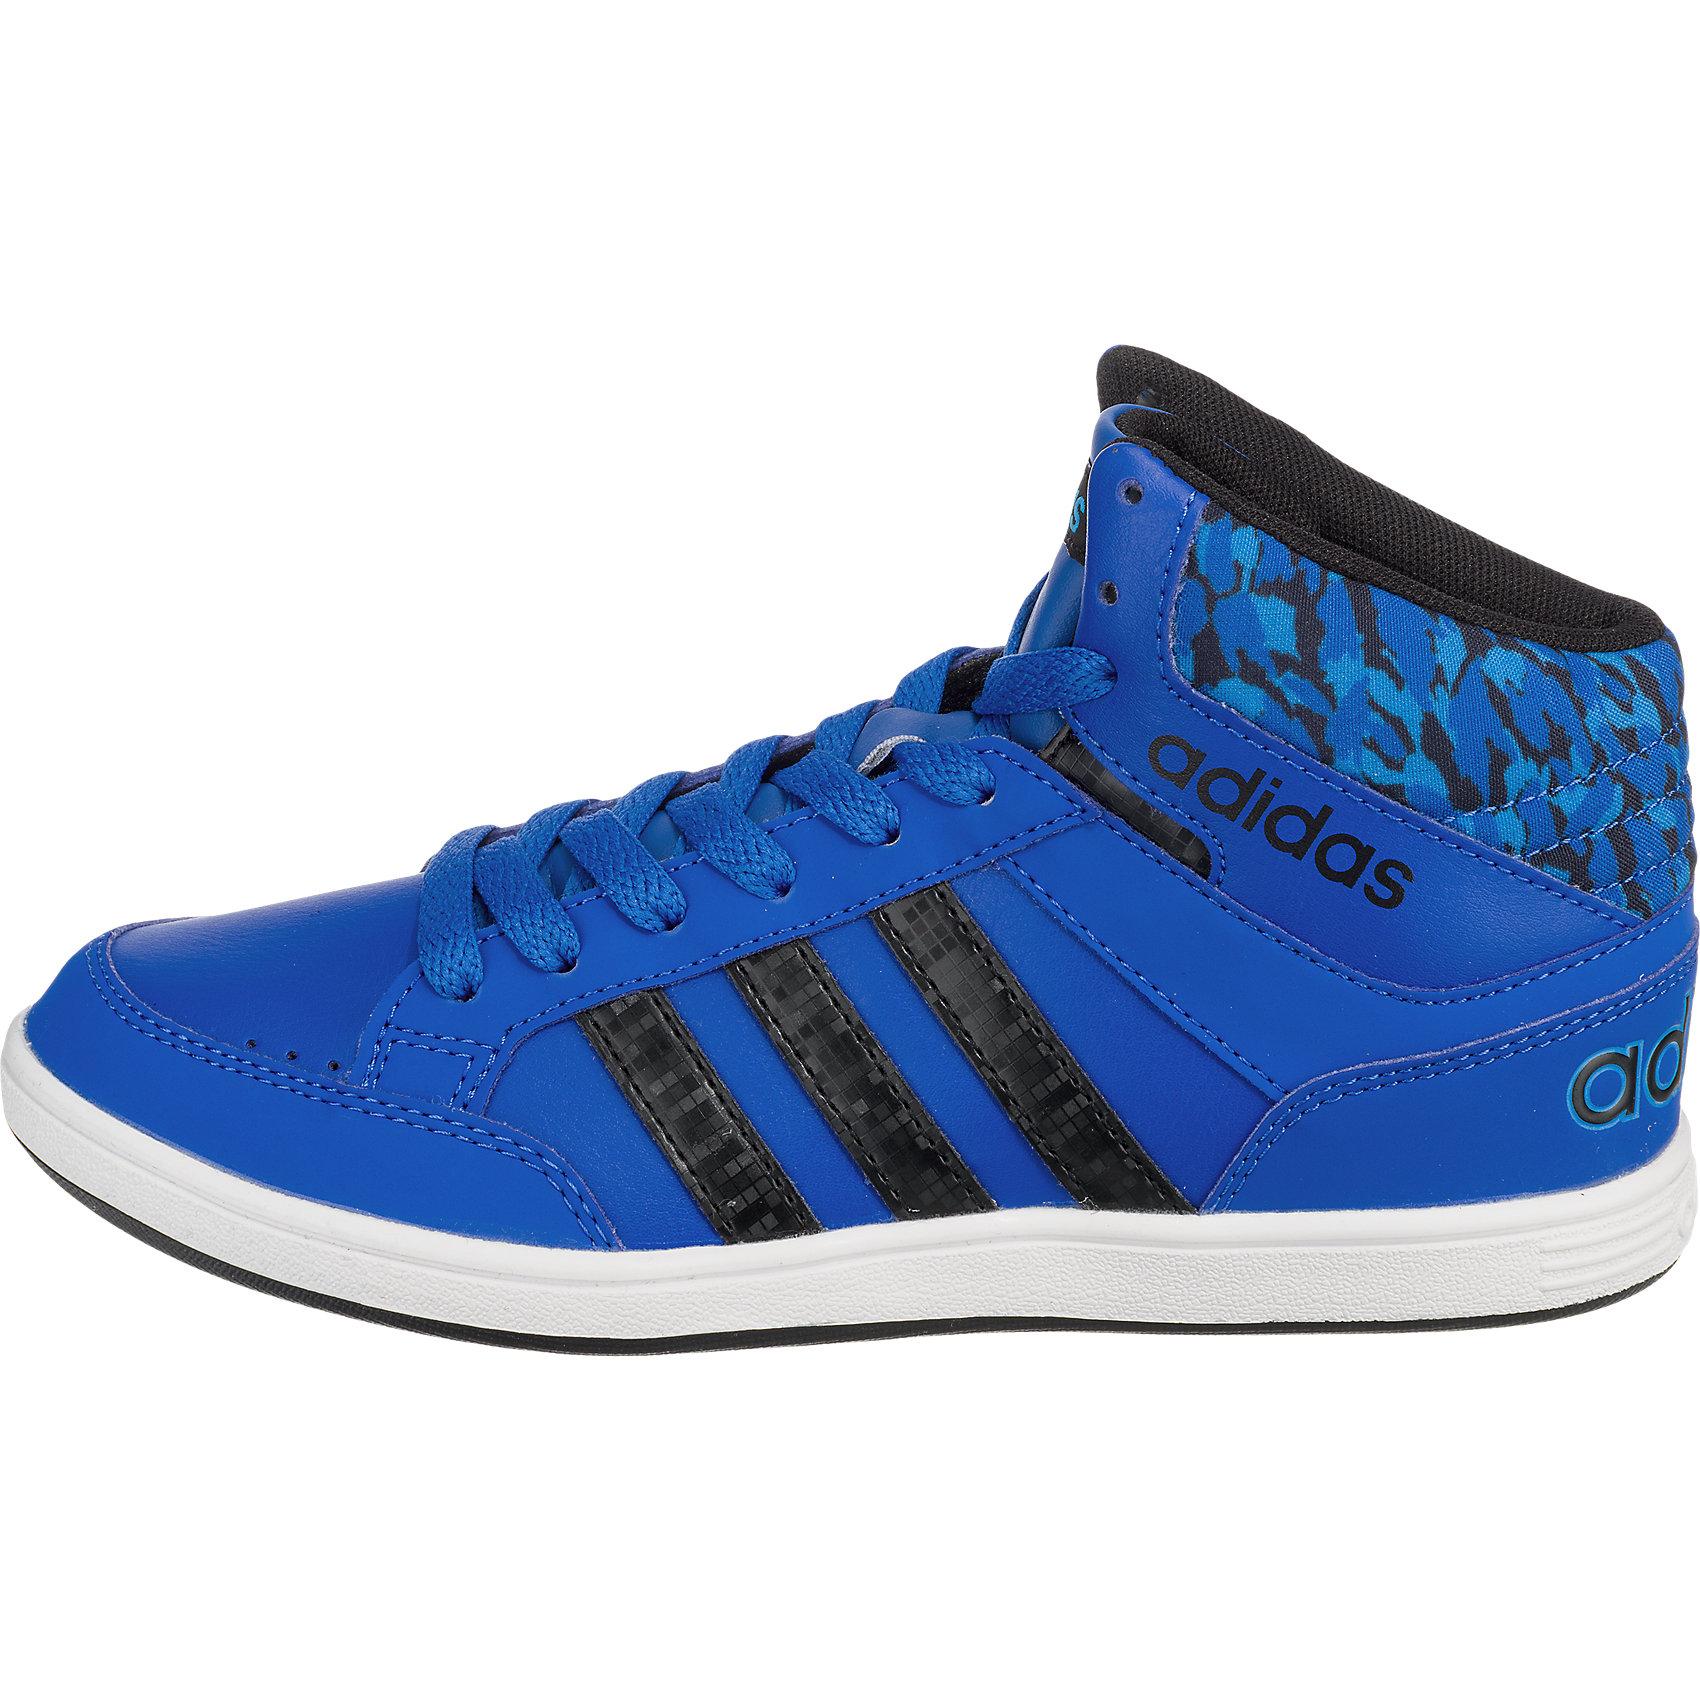 neu adidas neo kinder sneakers hoops mid dunkelblau blau. Black Bedroom Furniture Sets. Home Design Ideas